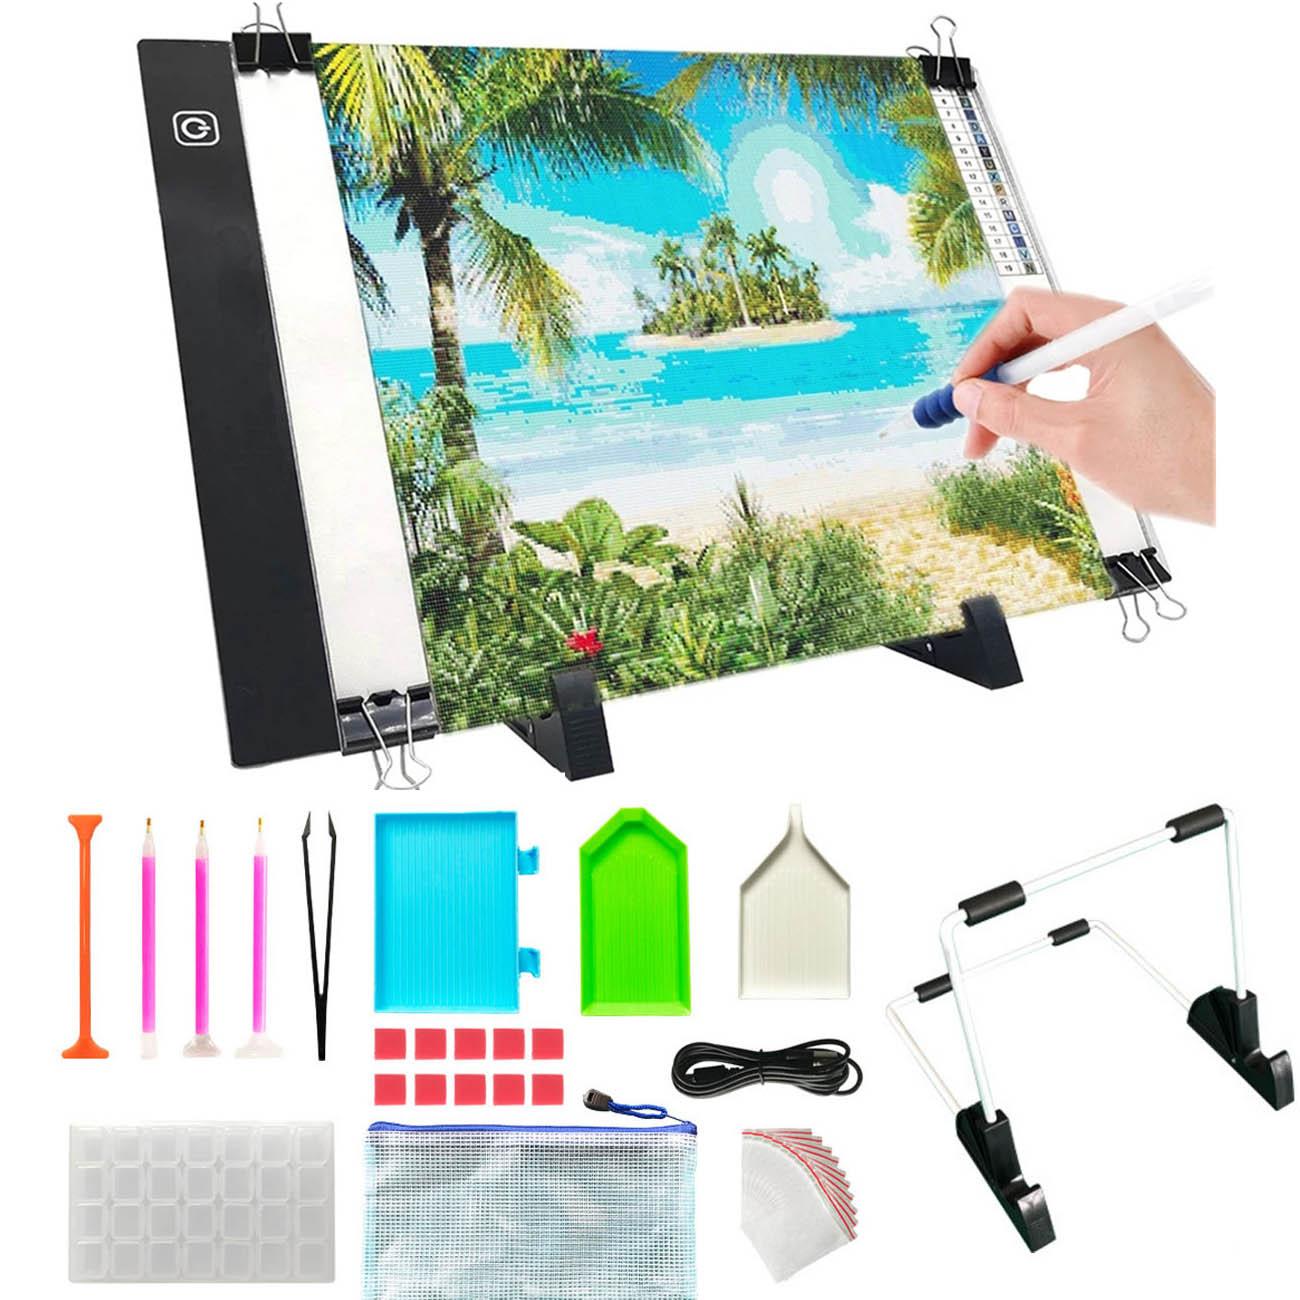 Ультратонкий Светодиодный планшет для рисования, анимационный световой короб с питанием от USB, планшет, холст без рисунка, инструмент для ал...